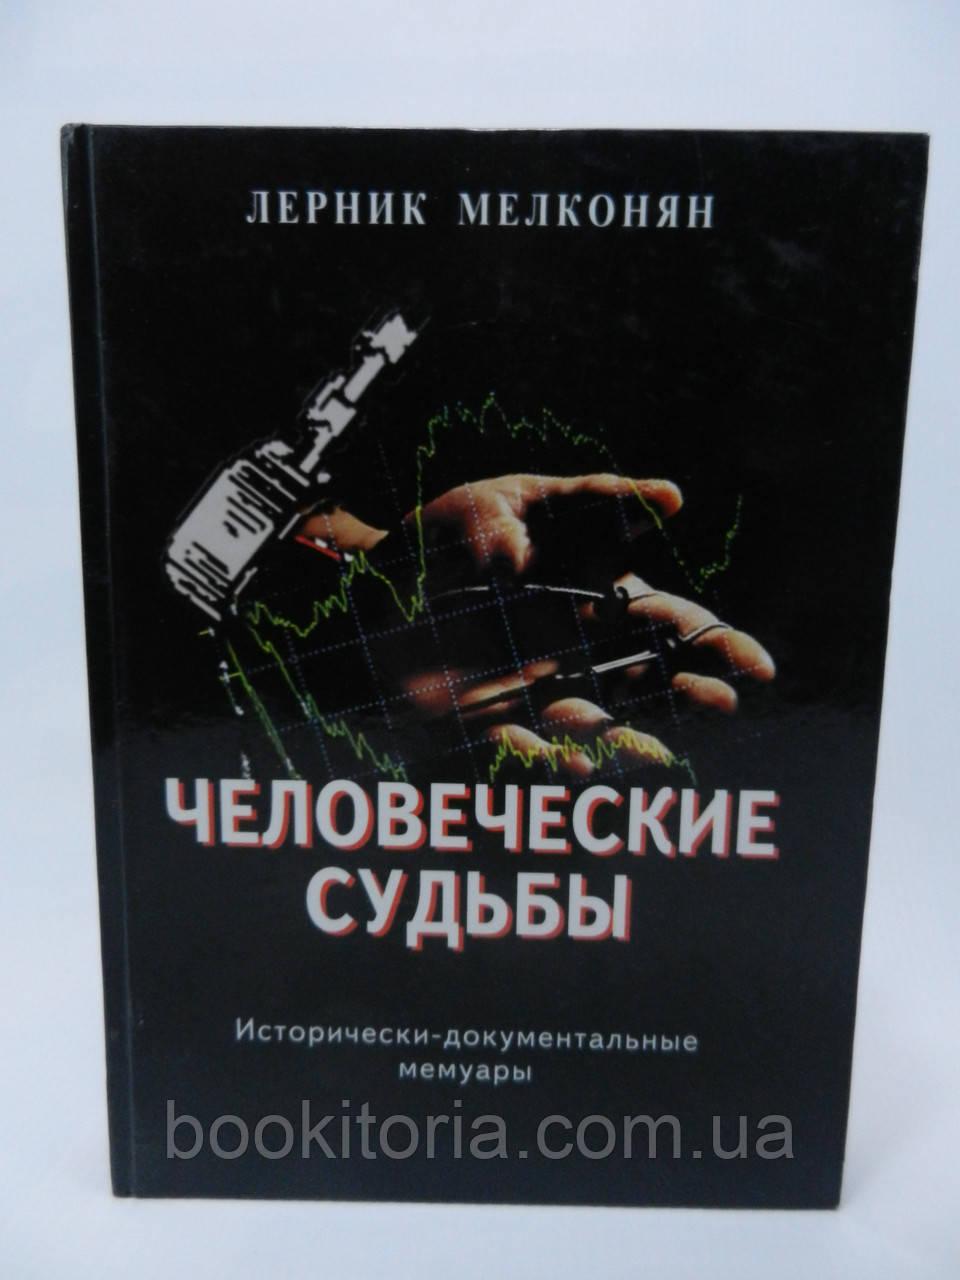 Мелконян Л. Судьбы человеческие: коронованные короли преступного мира. Книга 1 (б/у).